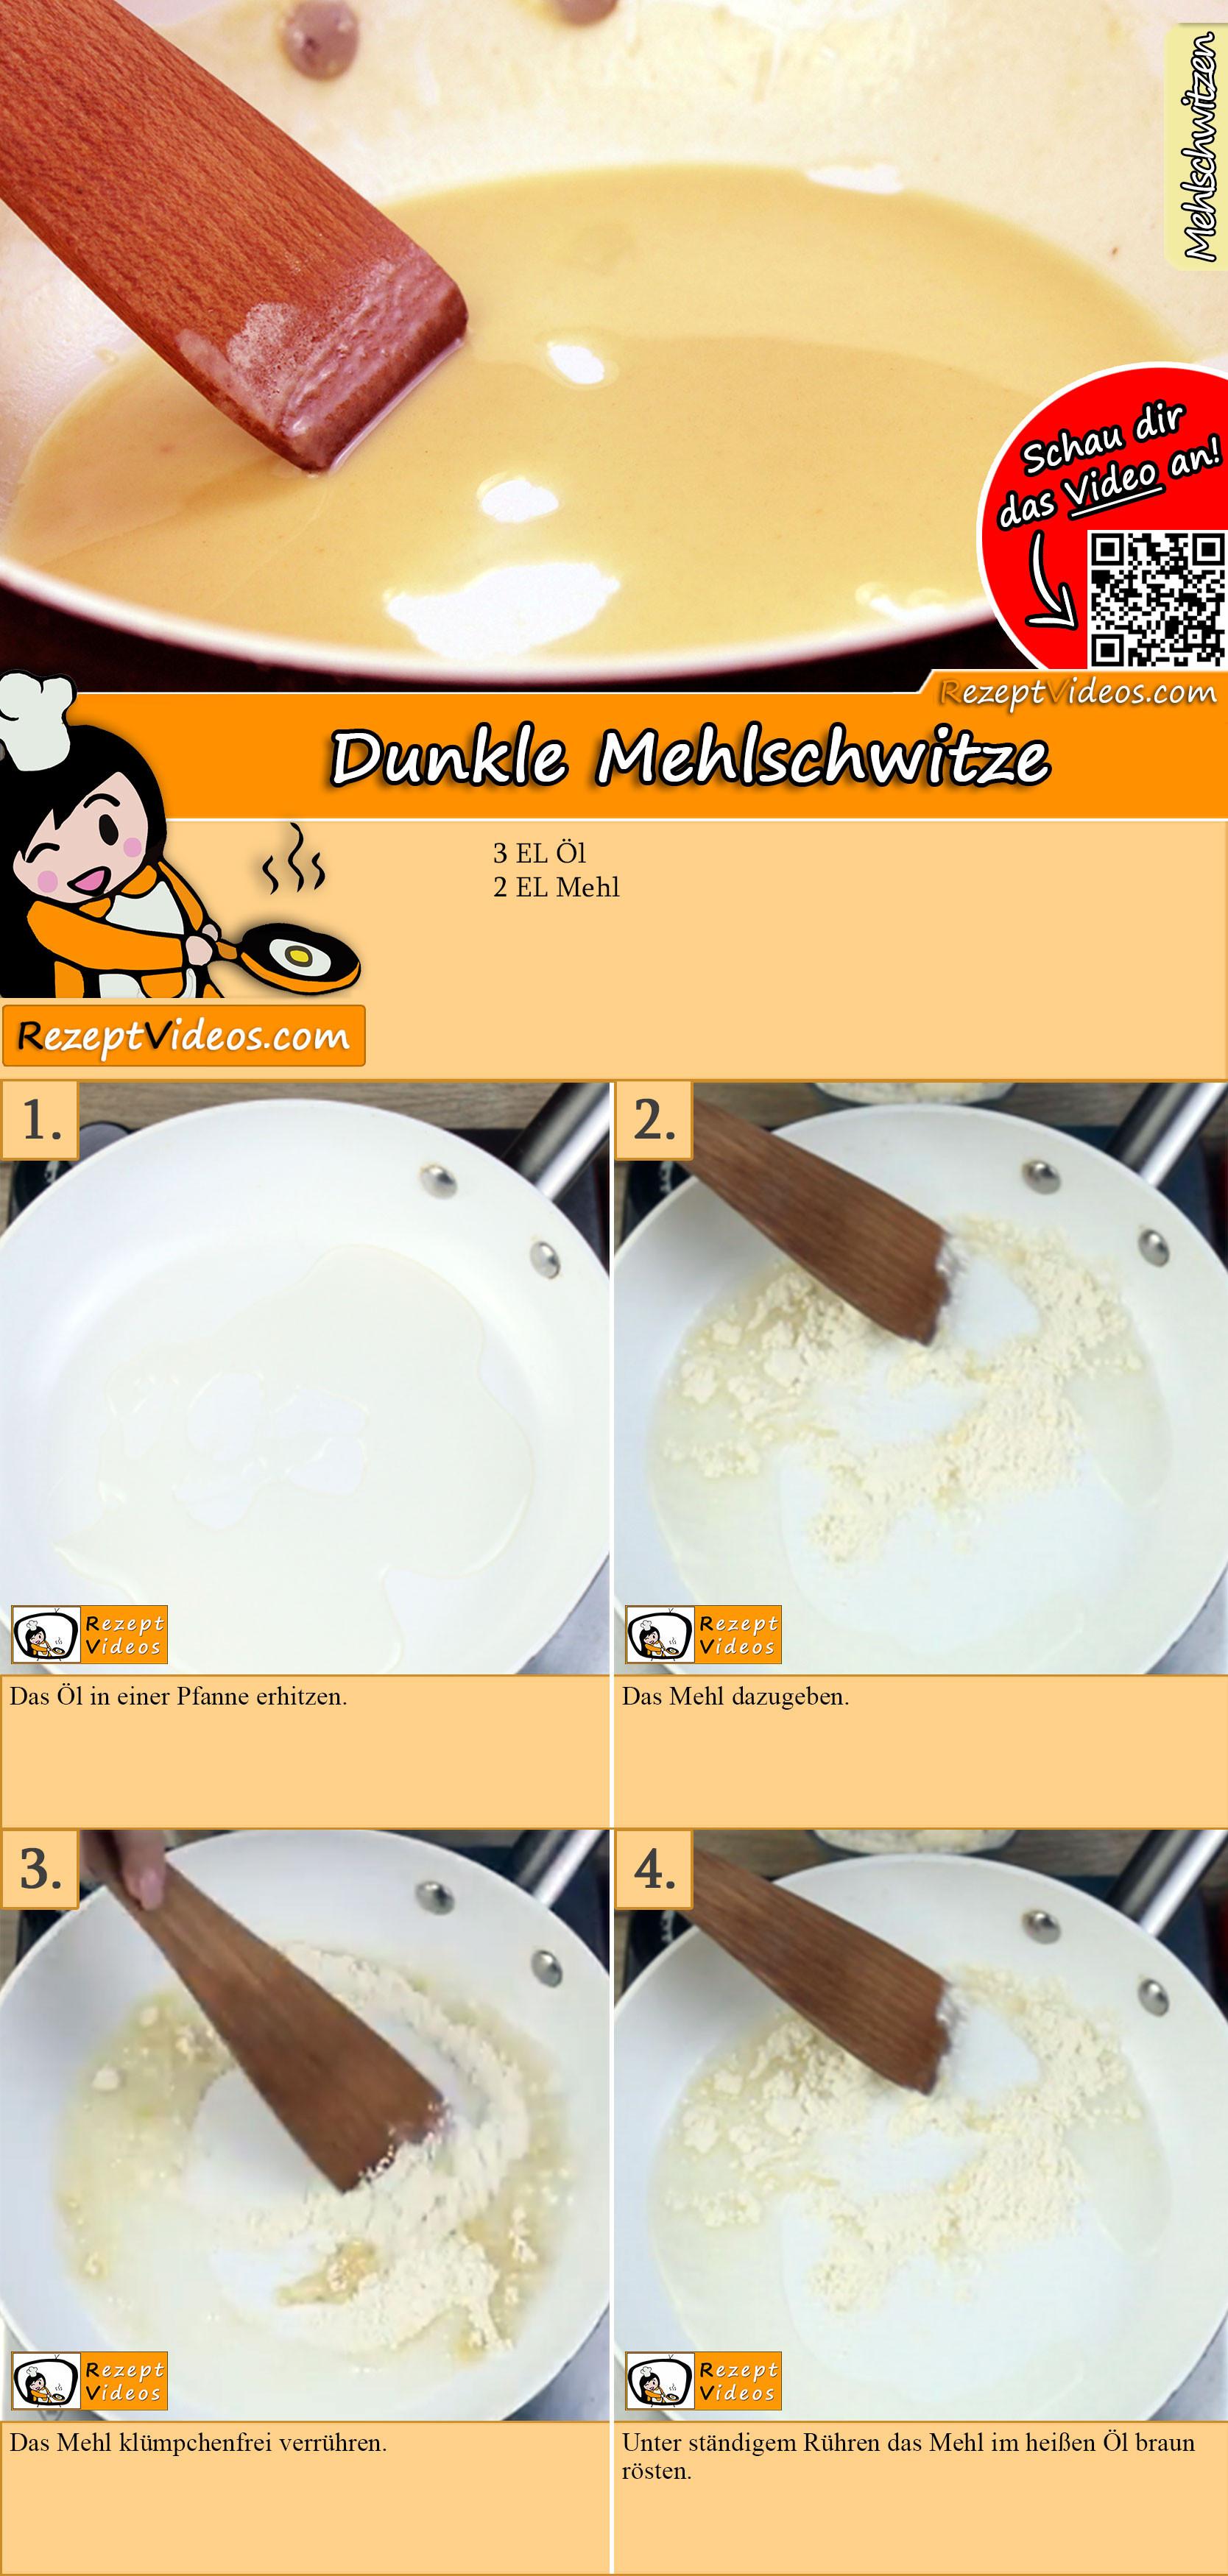 Dunkle Mehlschwitze Rezept mit Video